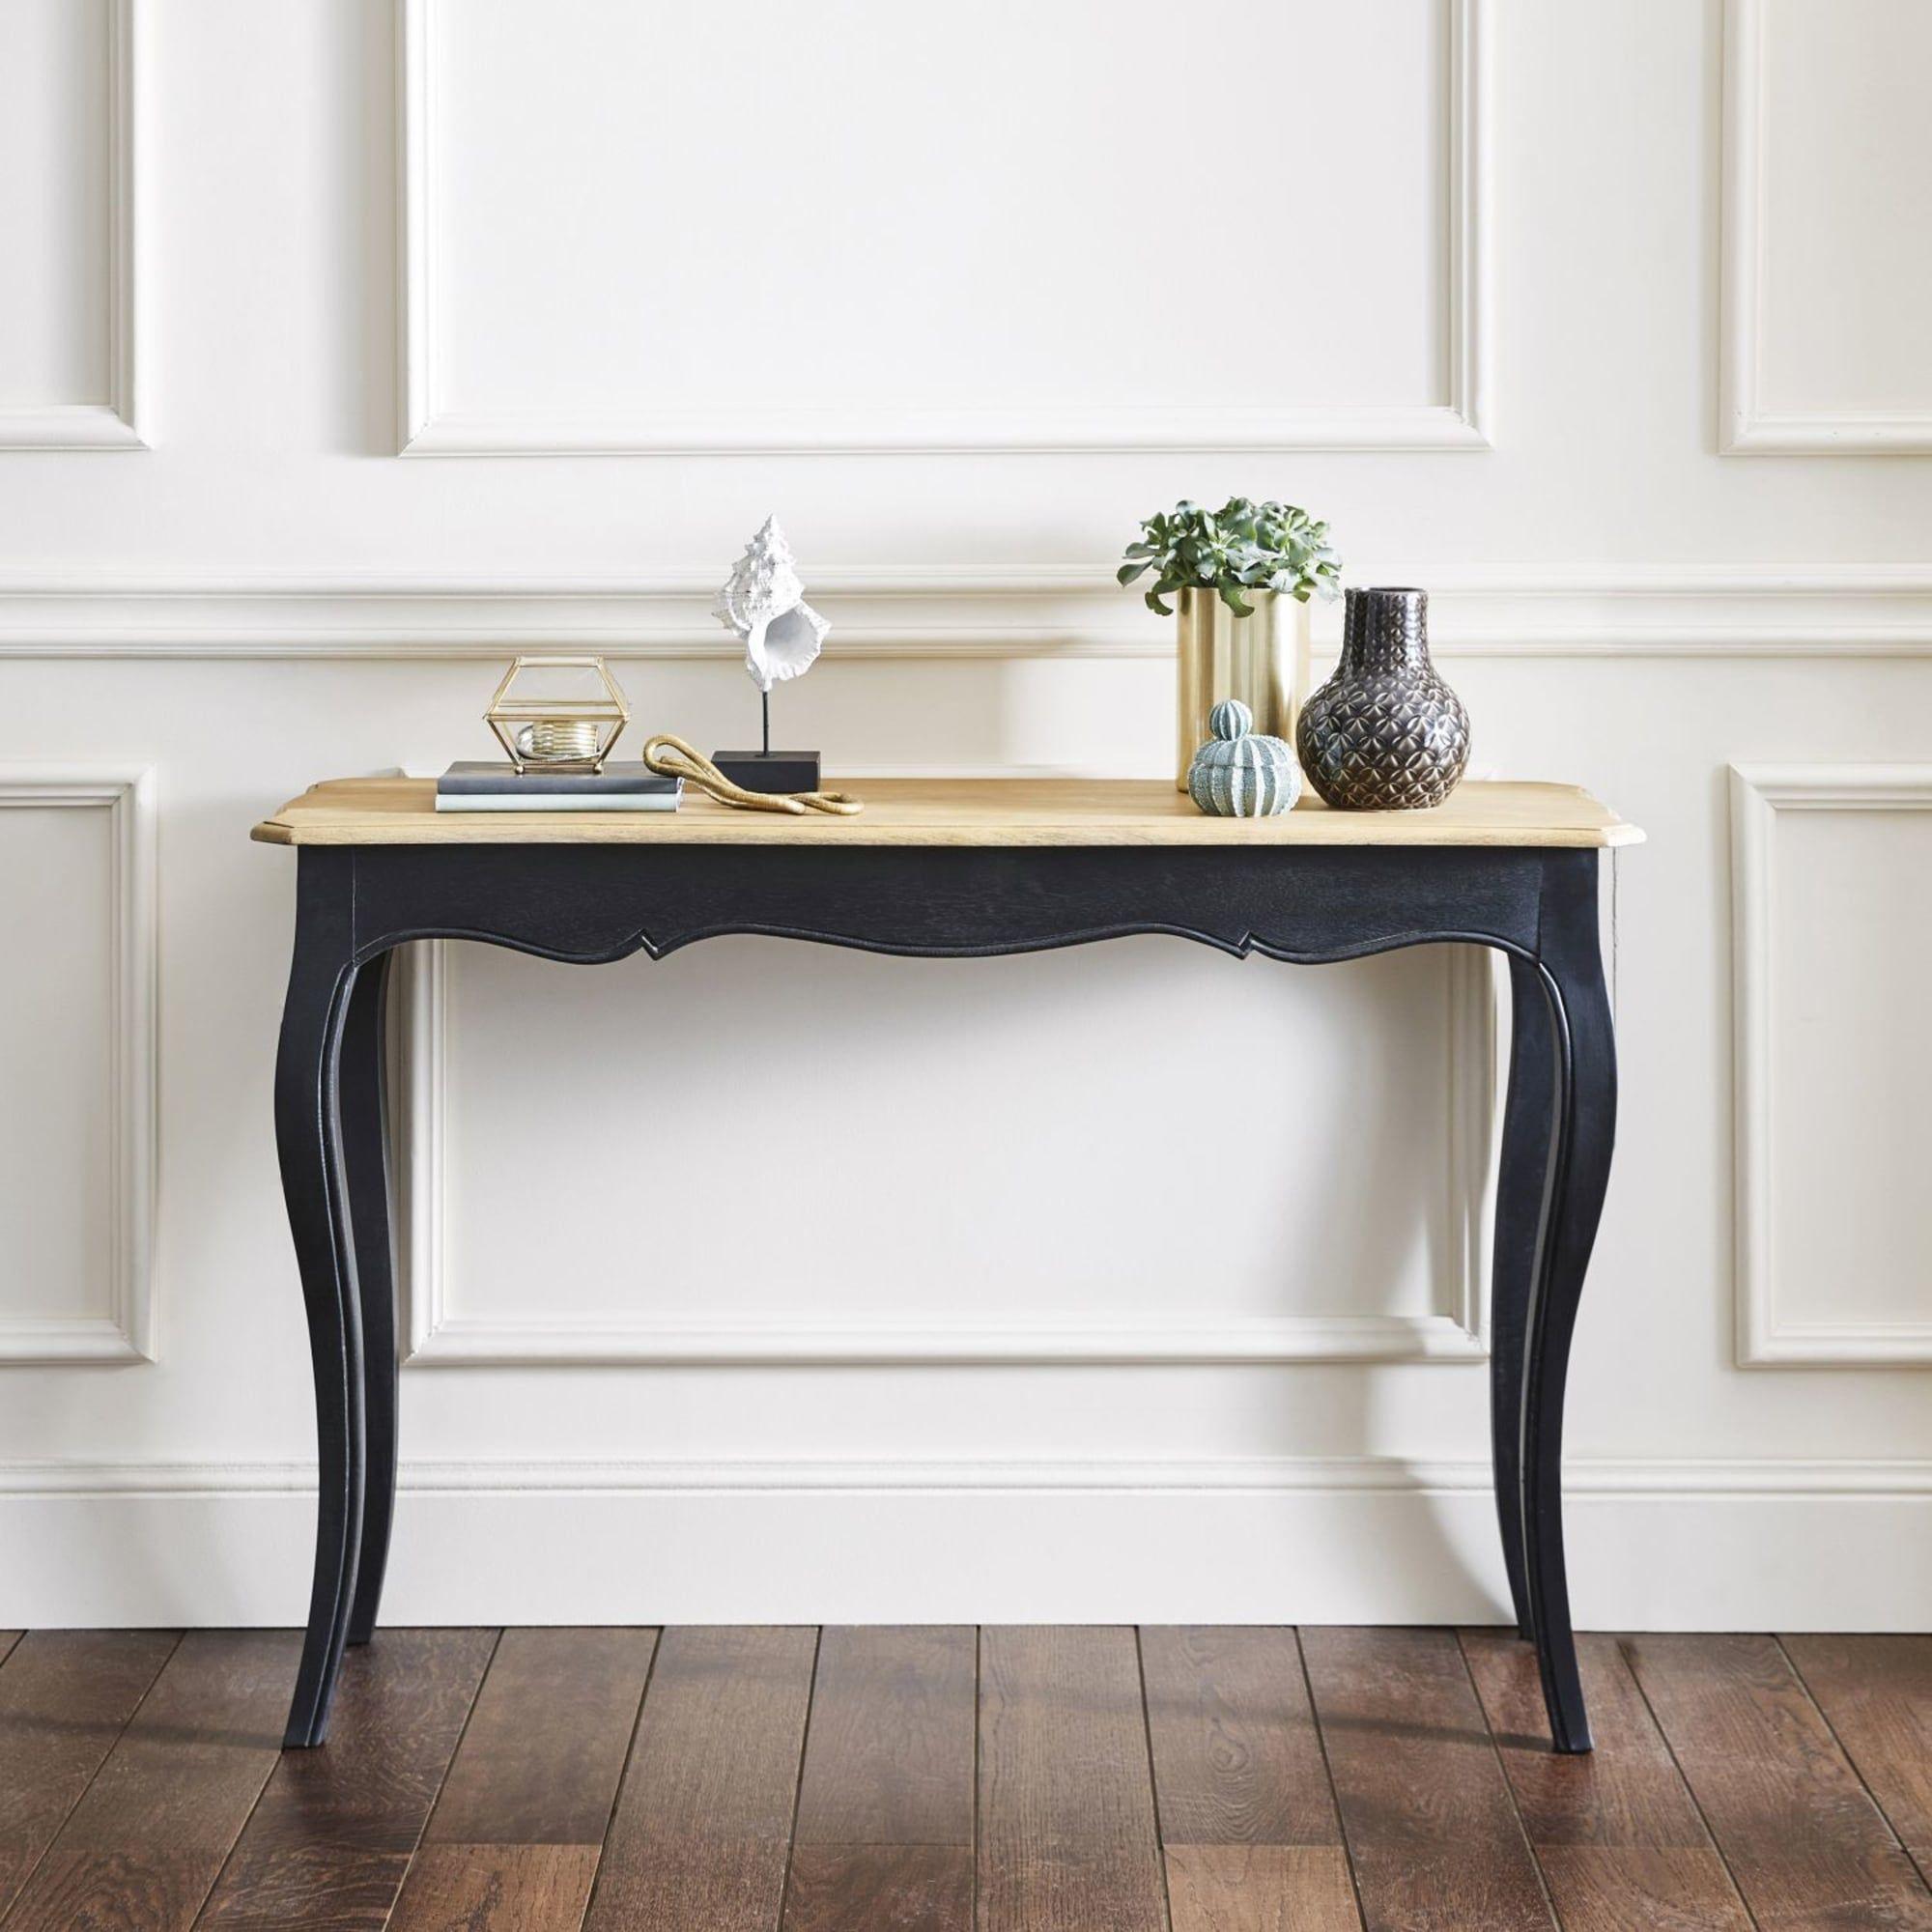 Table console en manguier massif noire Versailles  Maisons du